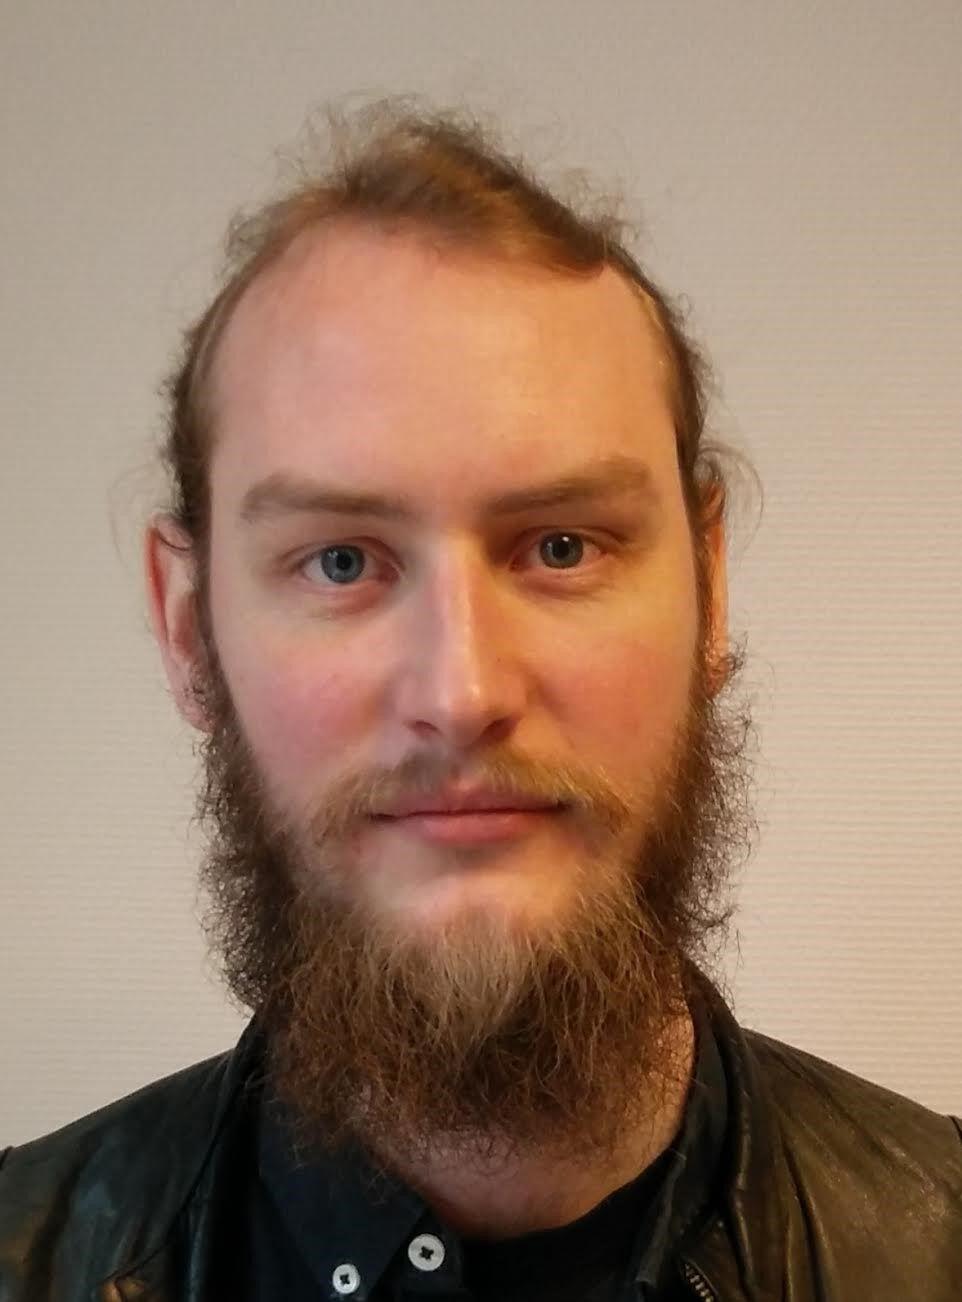 Simon Fuglsang